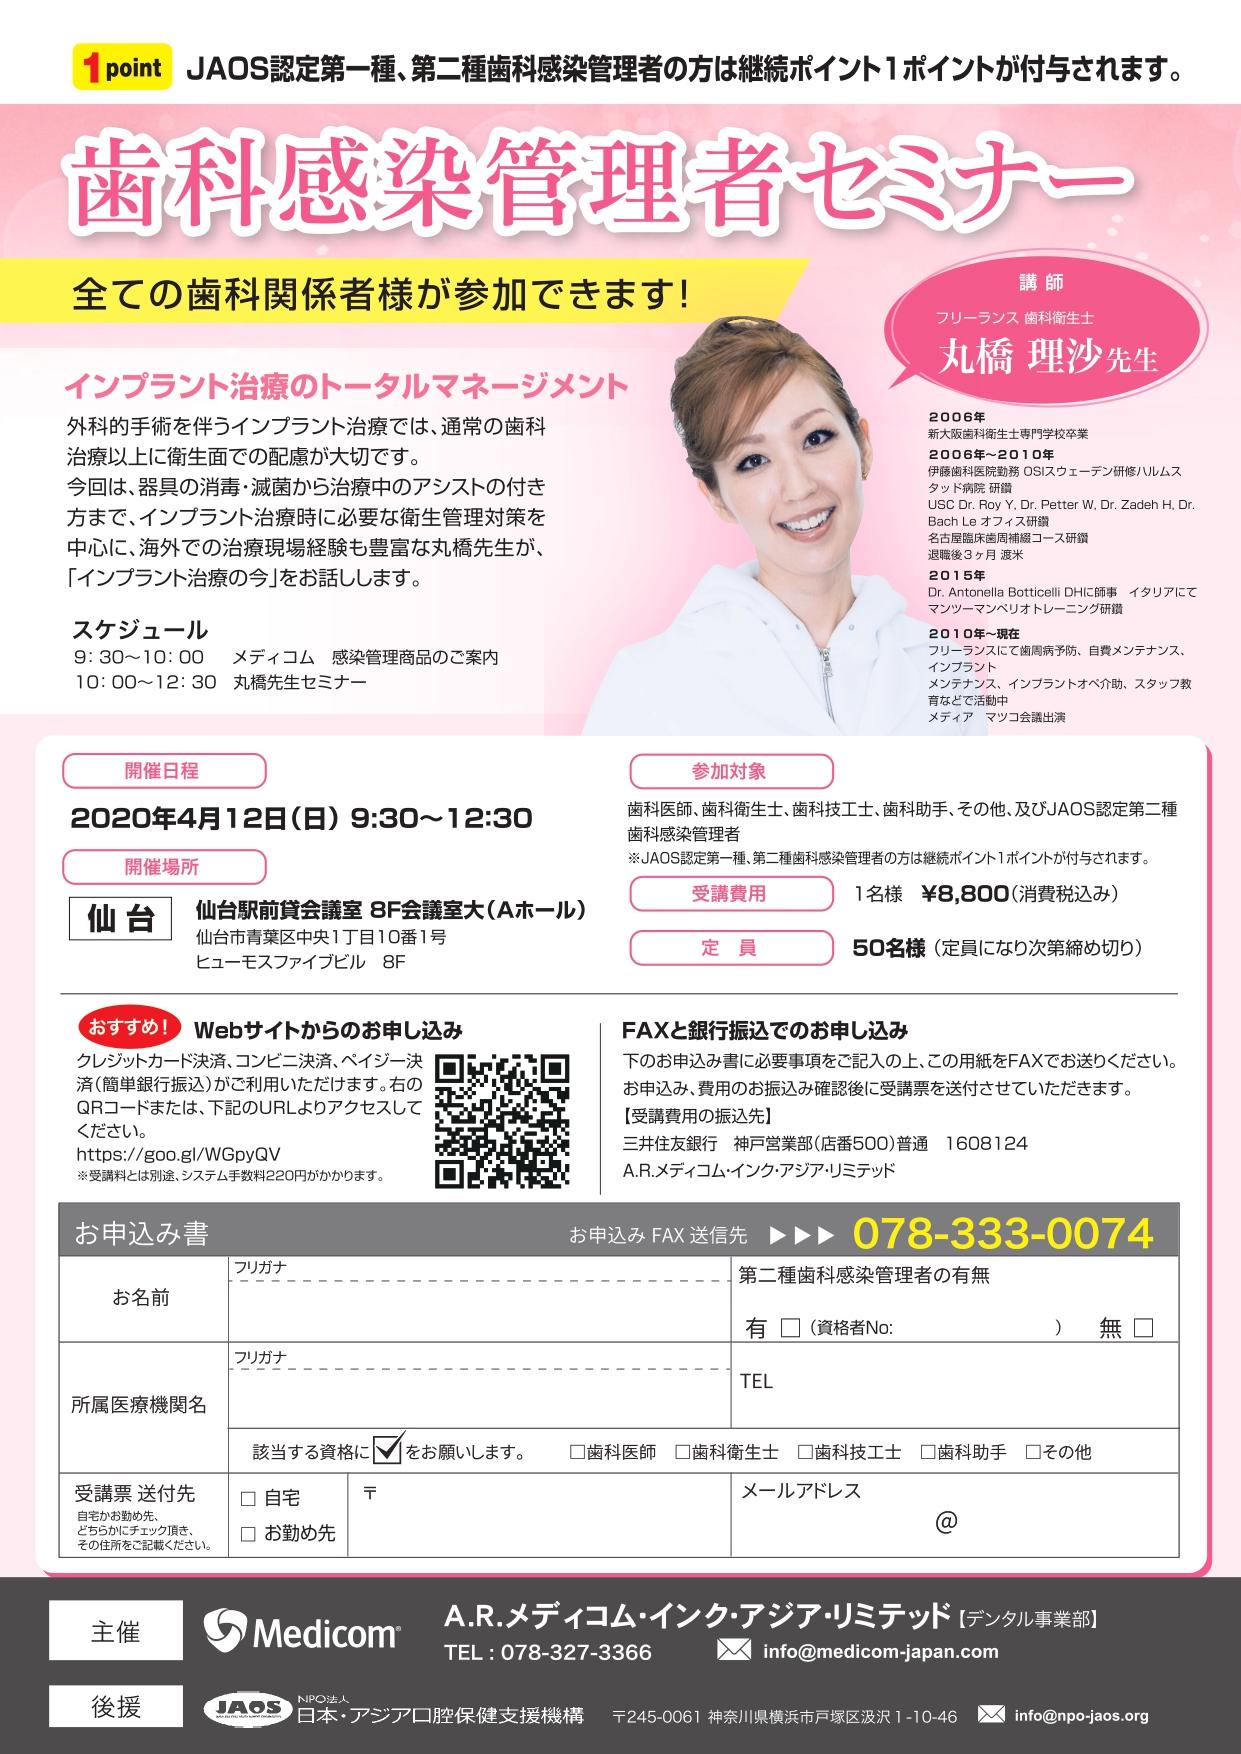 【仙台】歯科感染管理者セミナー